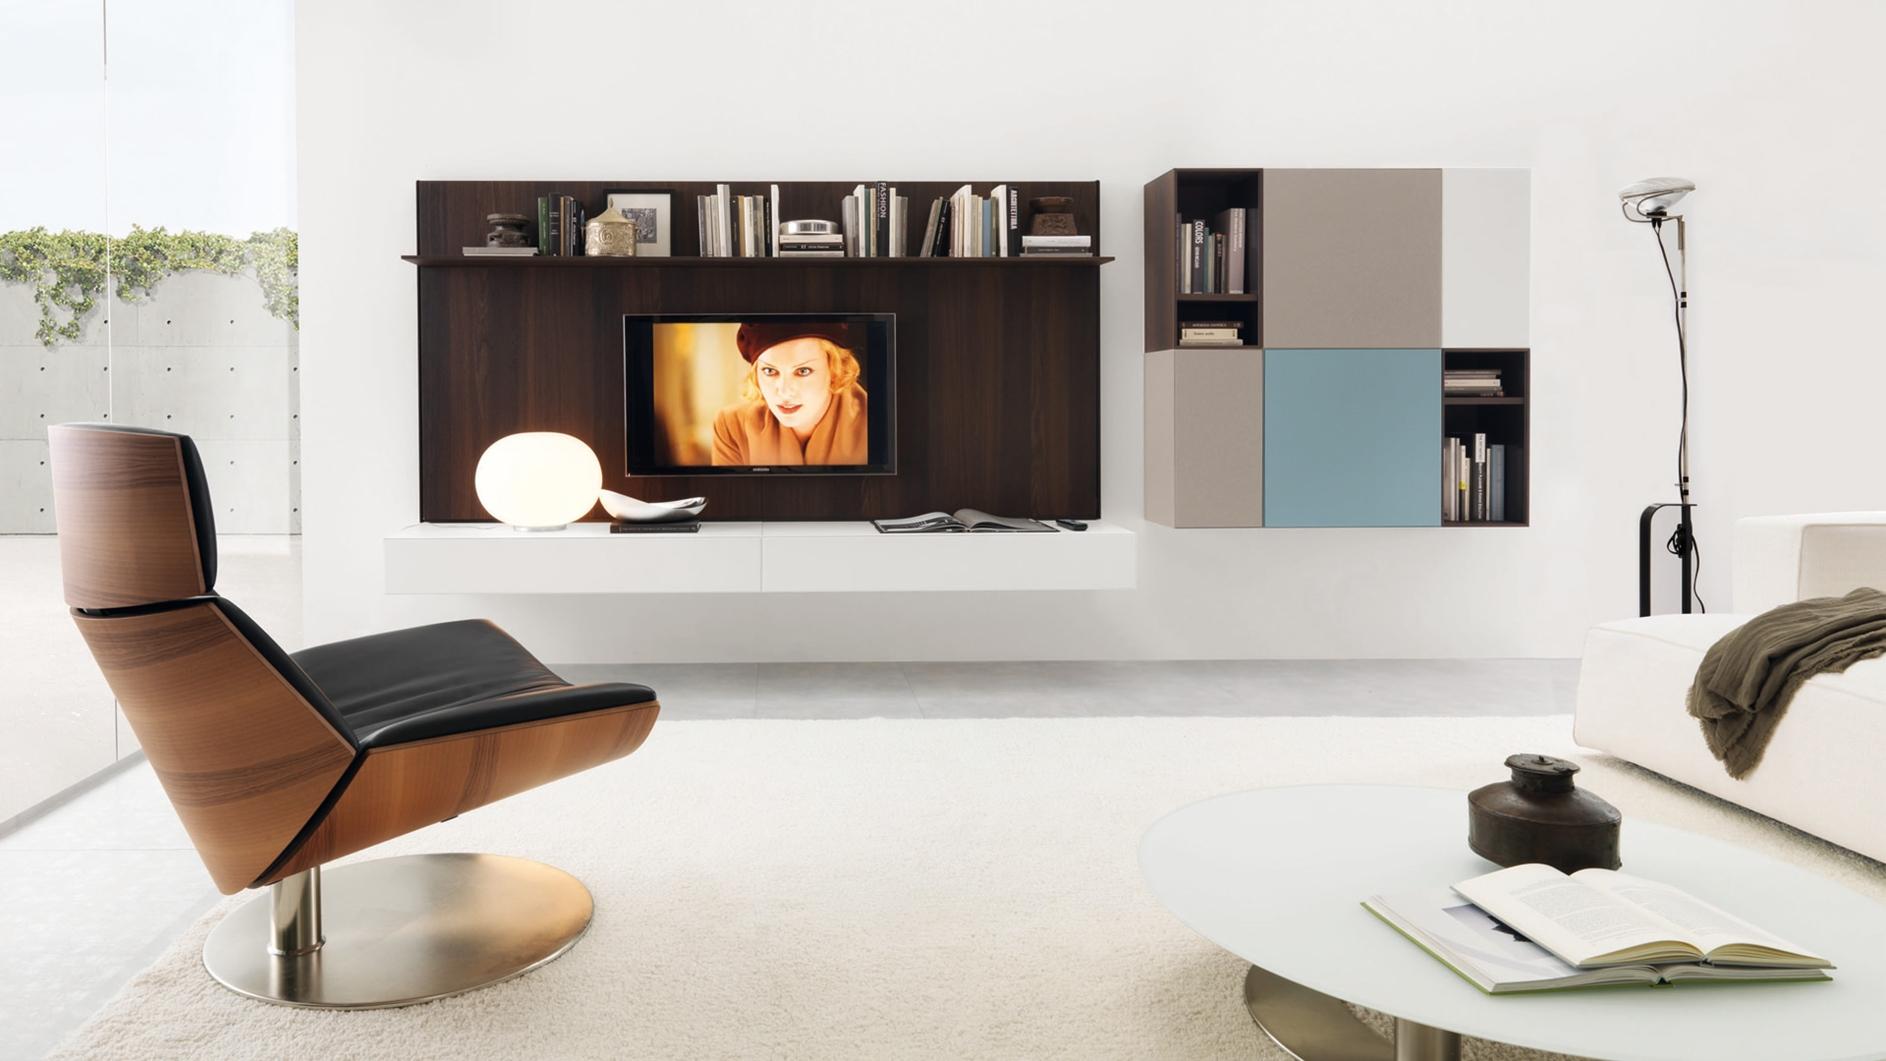 Scopelliti 1887 flessibilit il divano monopoli consente massima libert compositiva grazie - Deco lounge parket ...